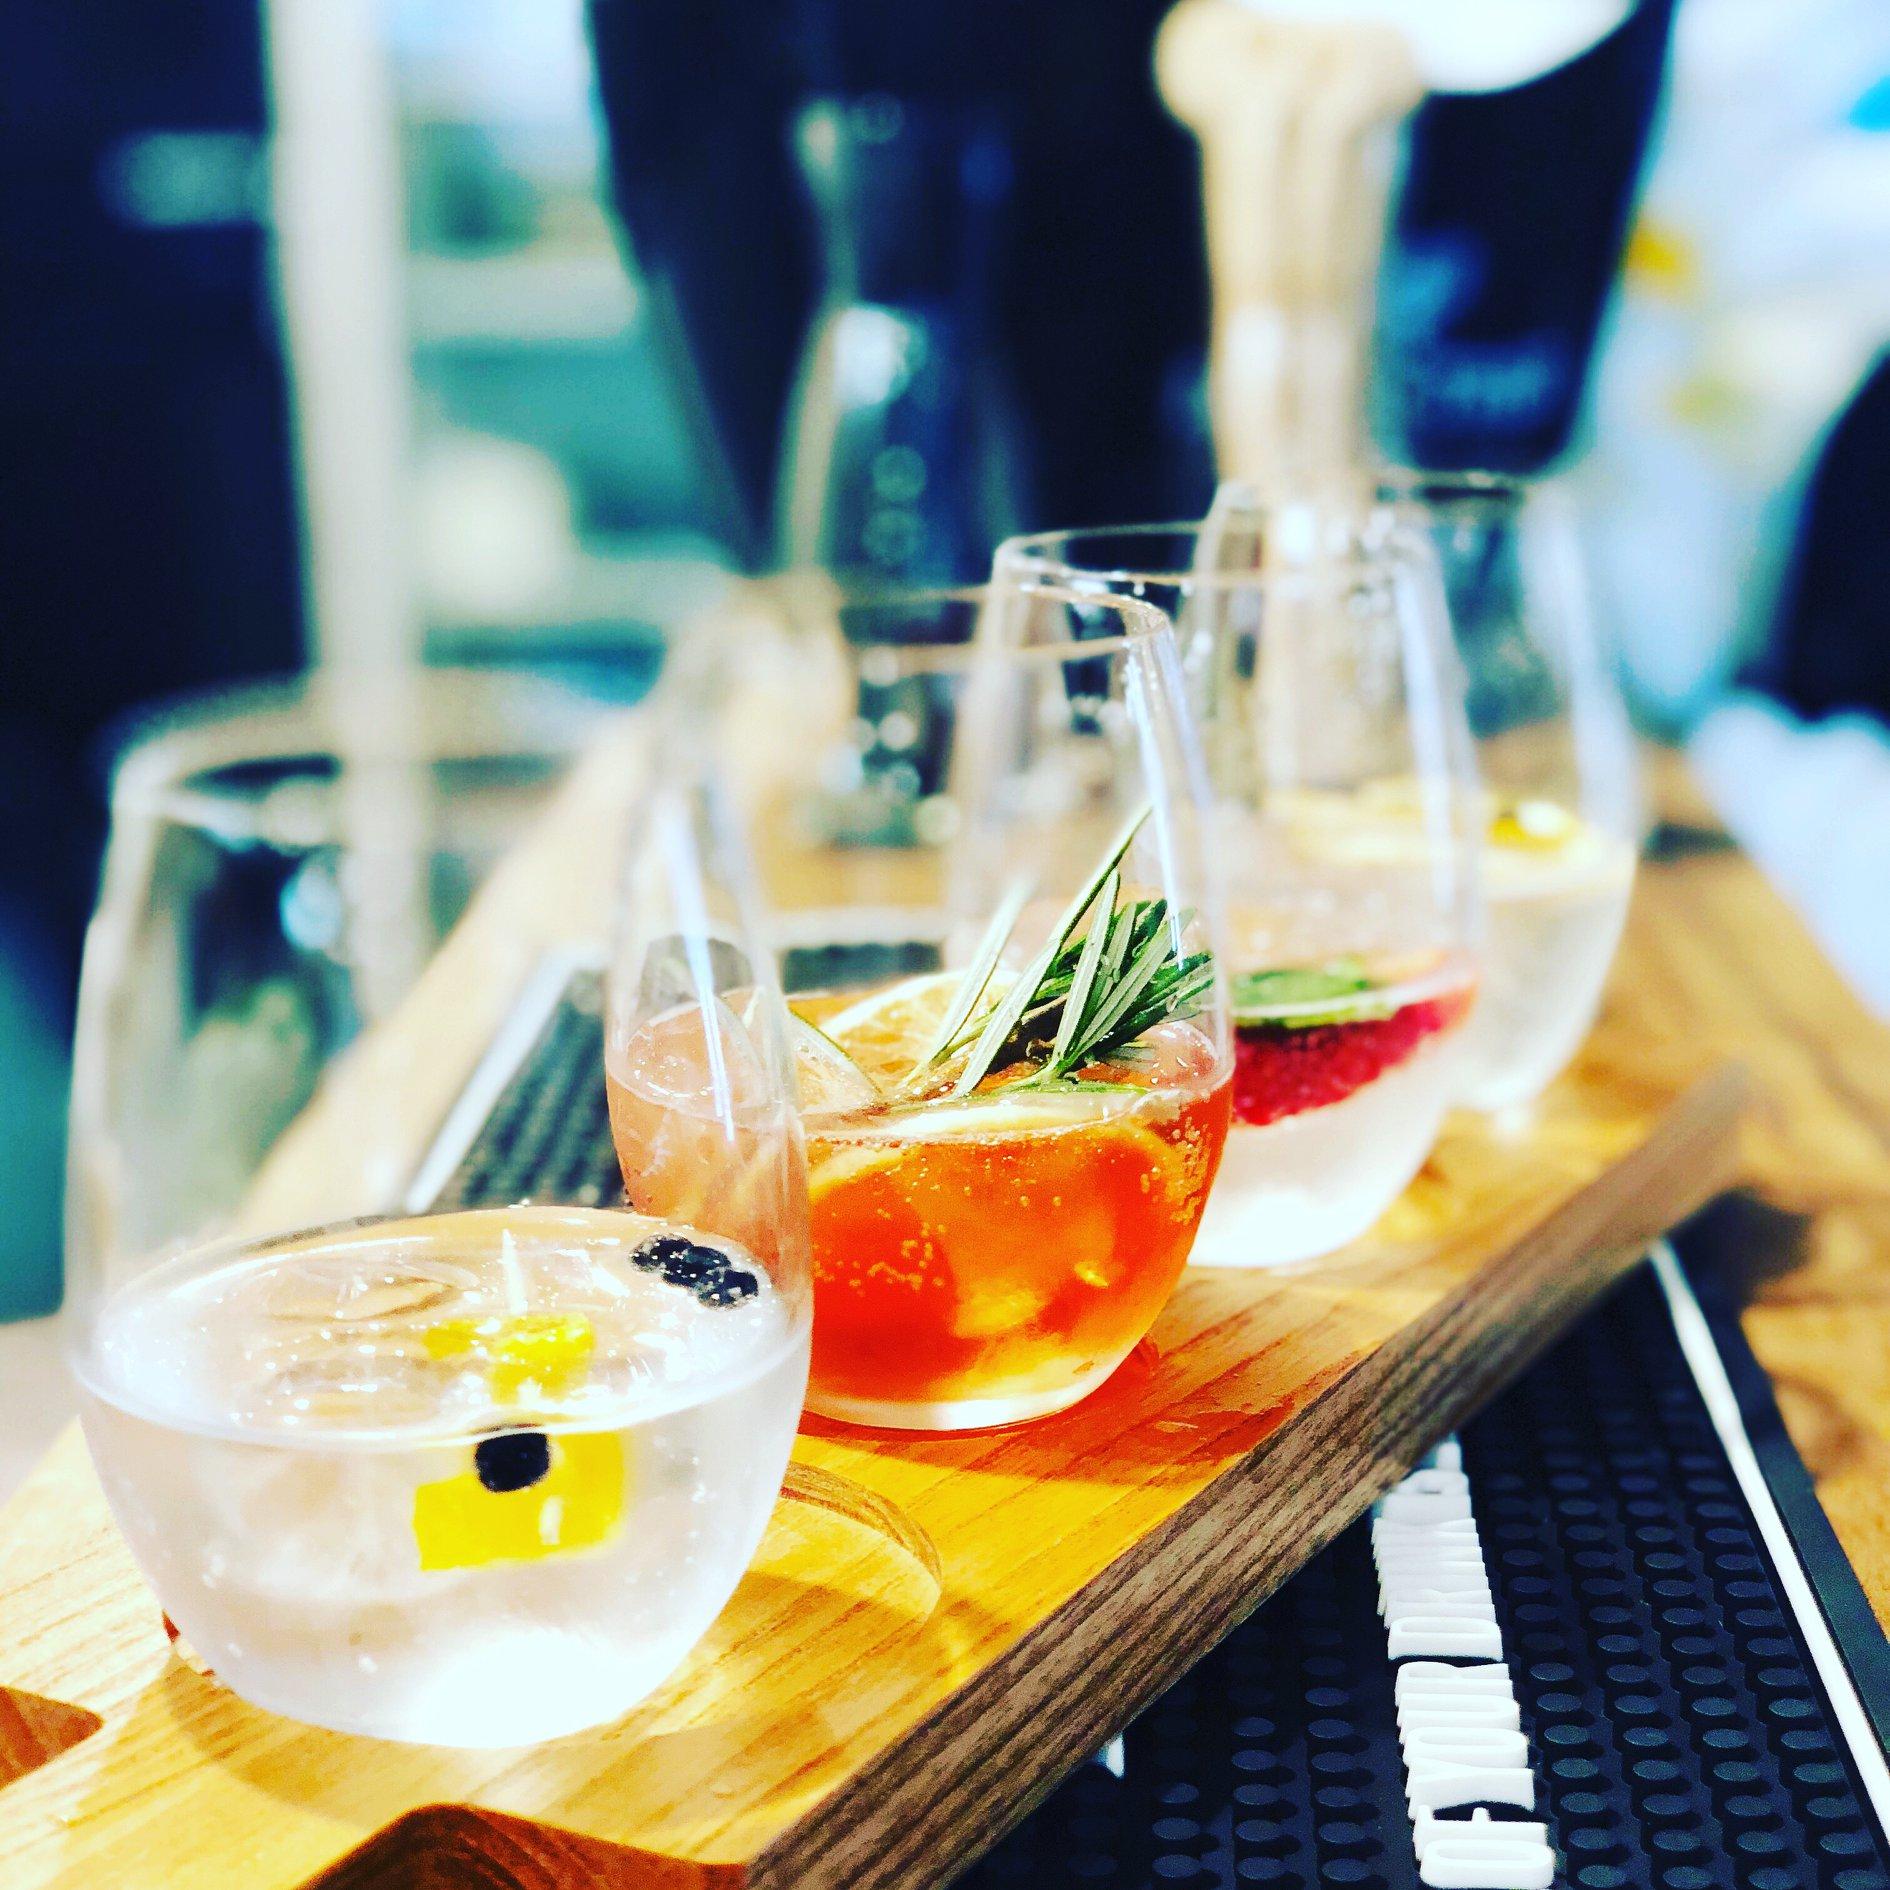 9 - taste the gin 3.jpg